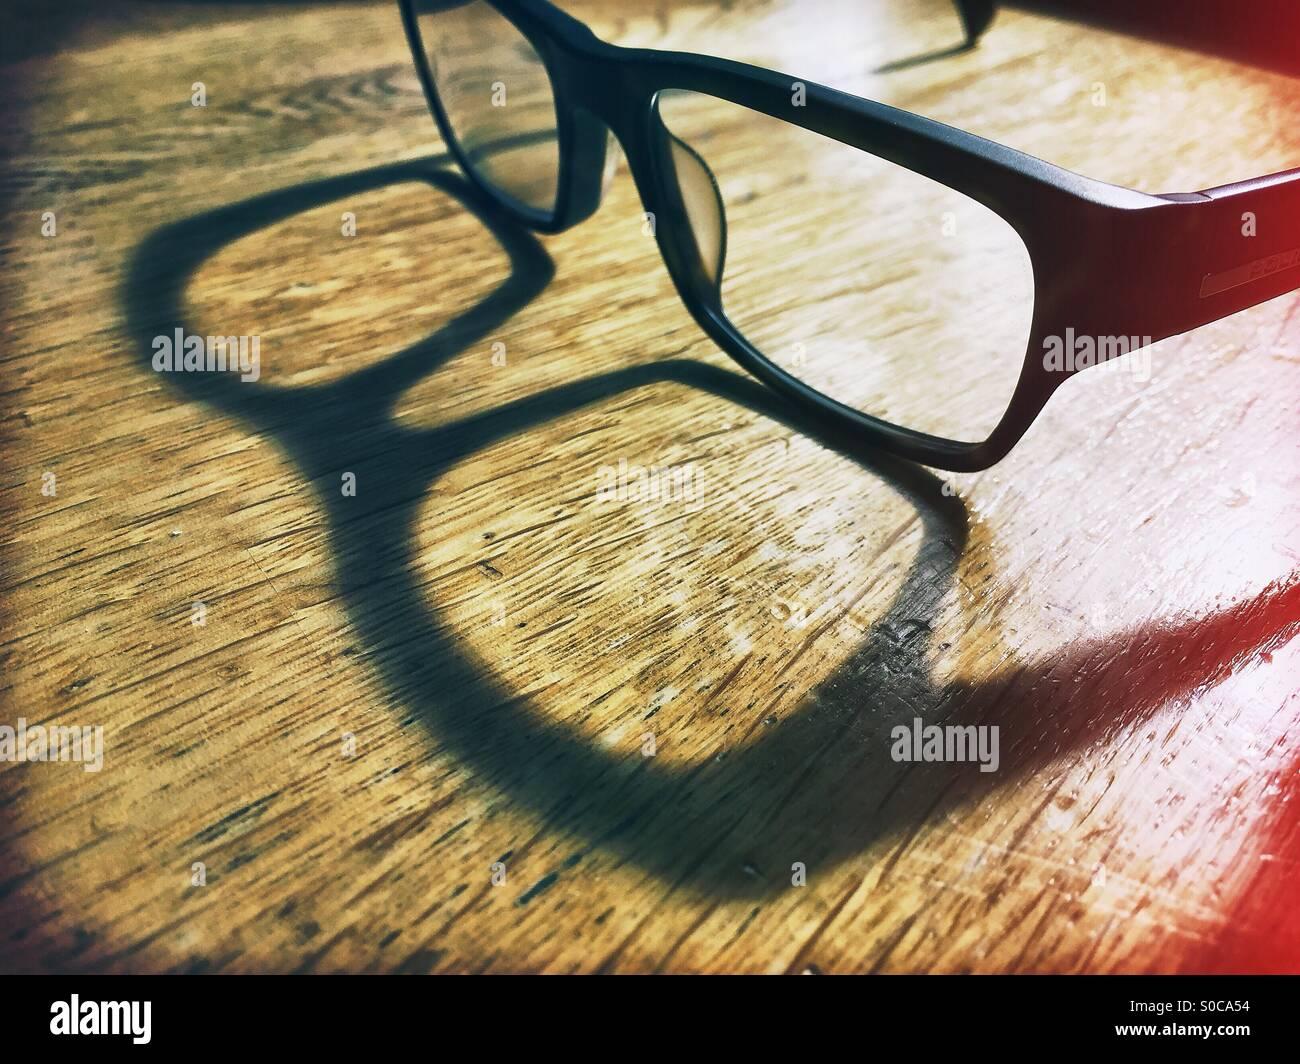 Une paire de lunettes de lecture d'un rebord épais assis sur un bureau en bois jette une ombre dans la Photo Stock